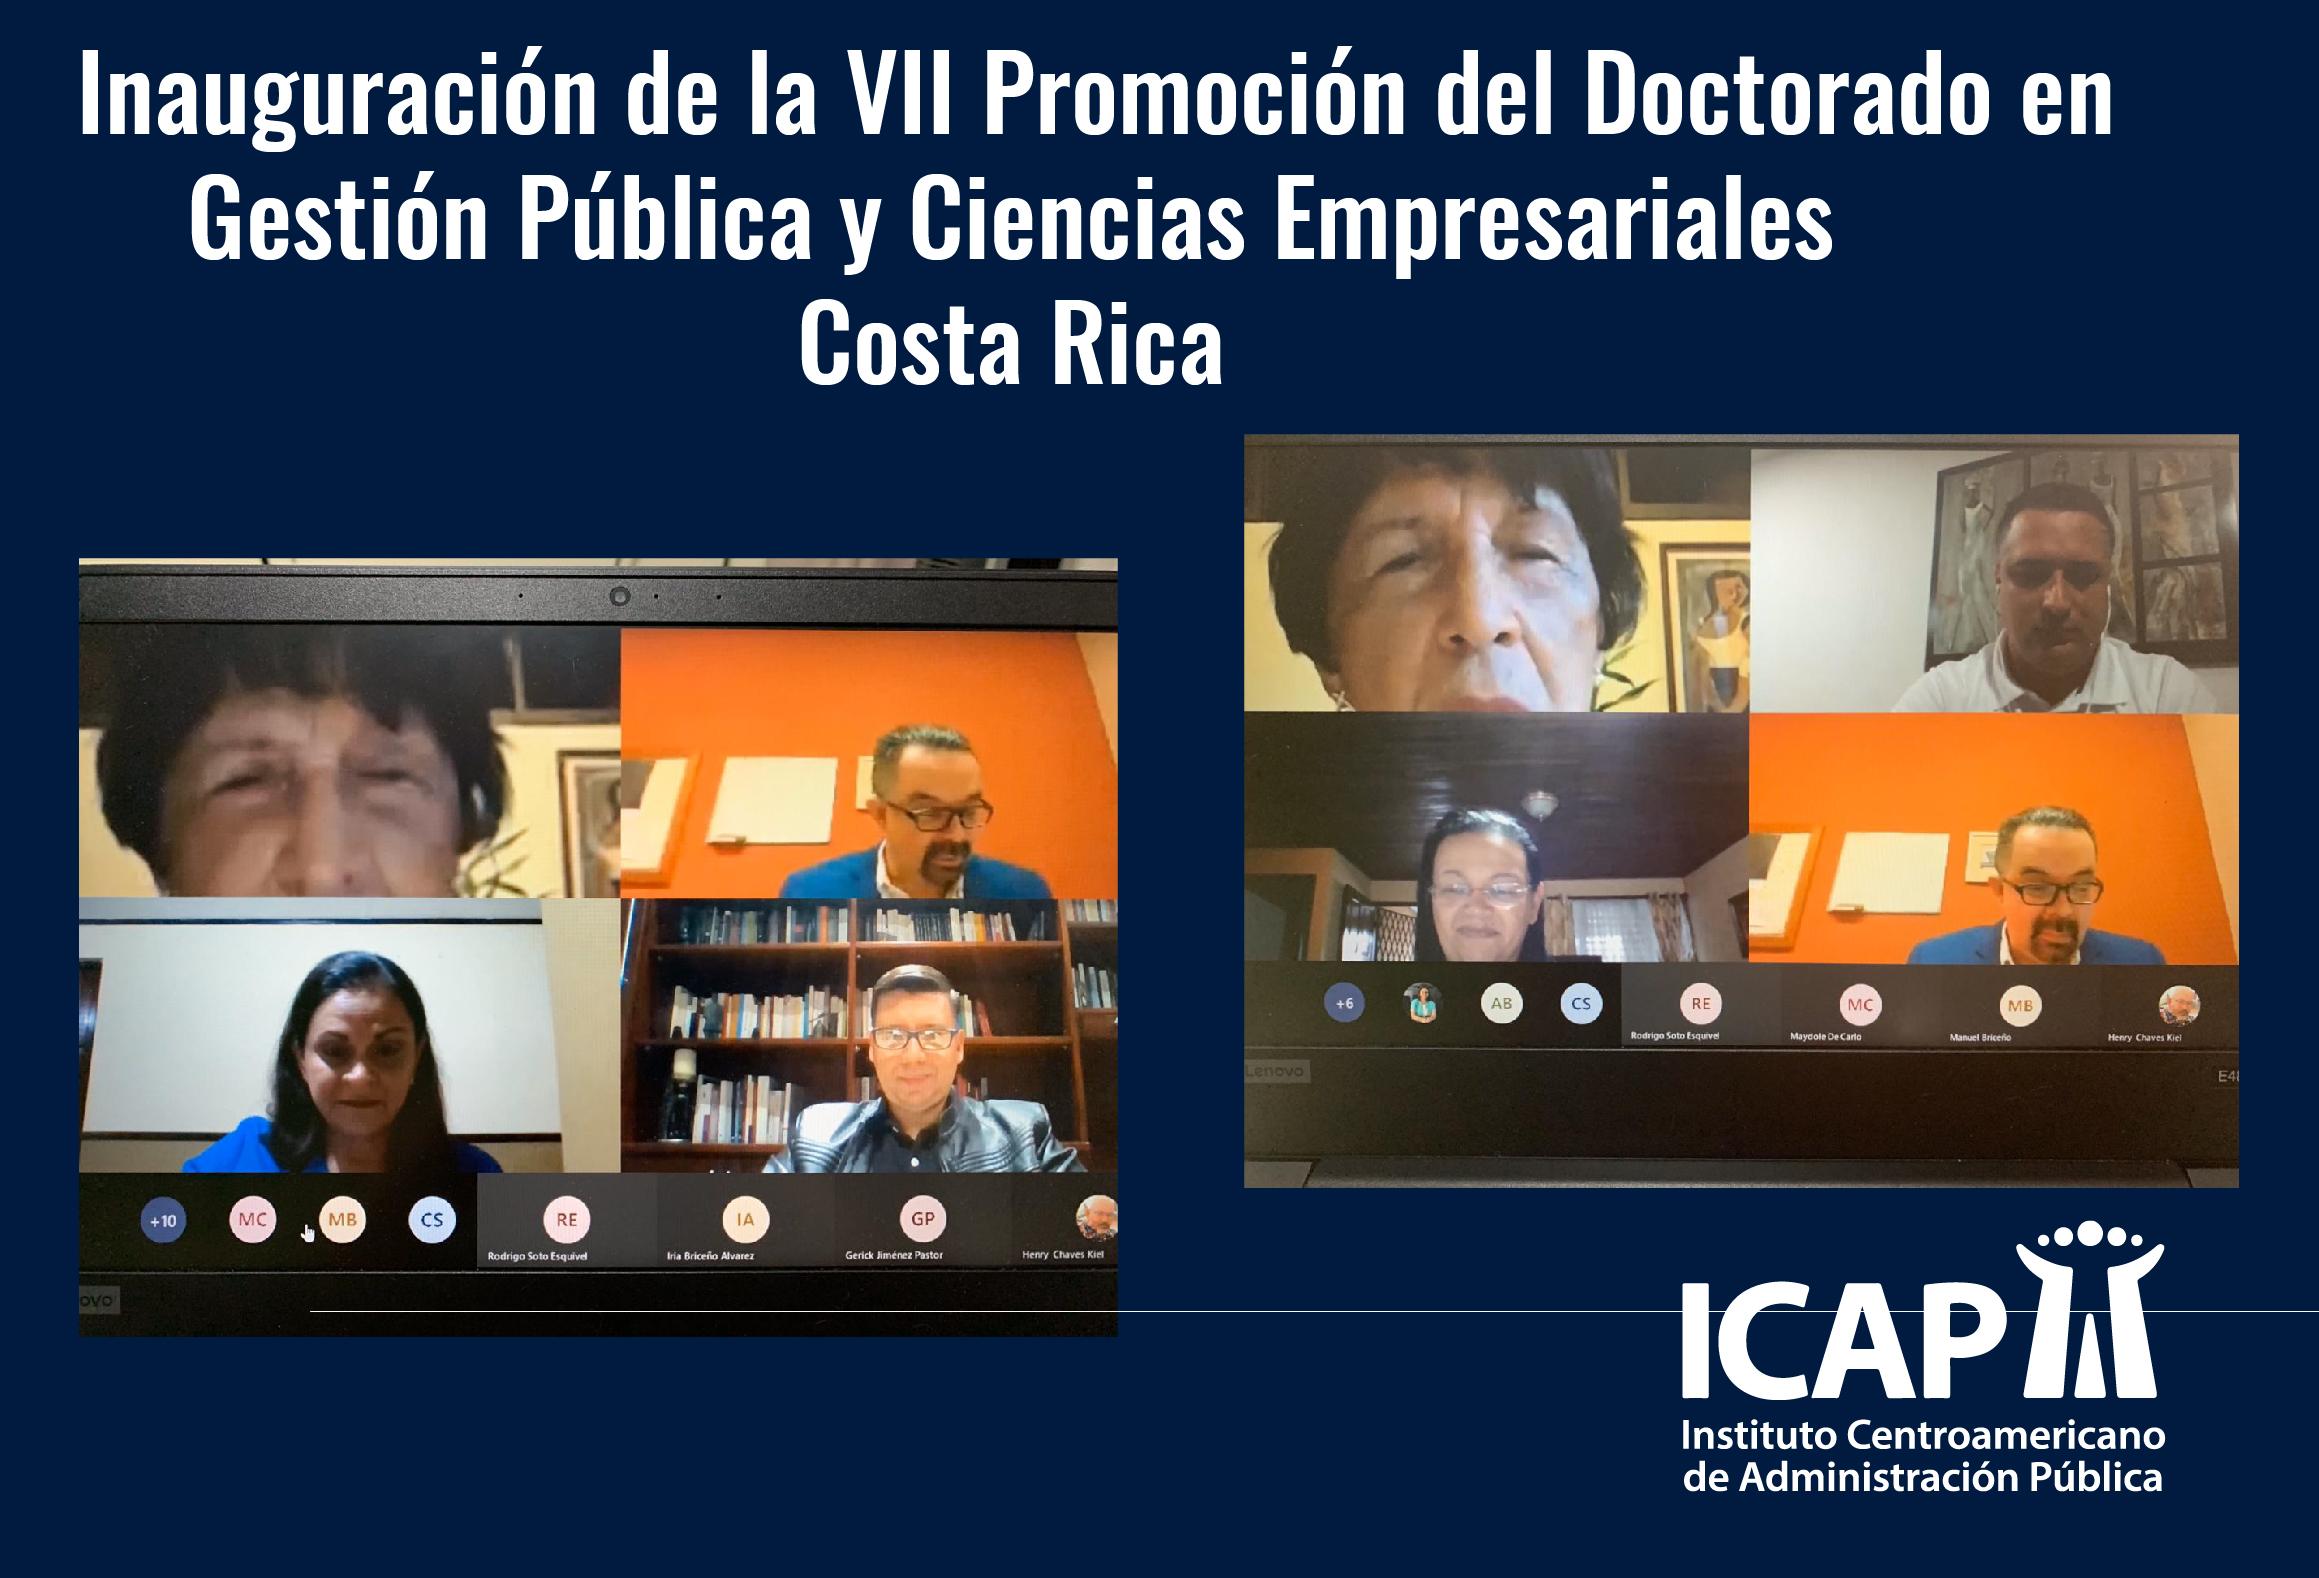 Inició promoción virtual del Doctorado en Gestión Pública y Ciencias Empresariales en Costa Rica